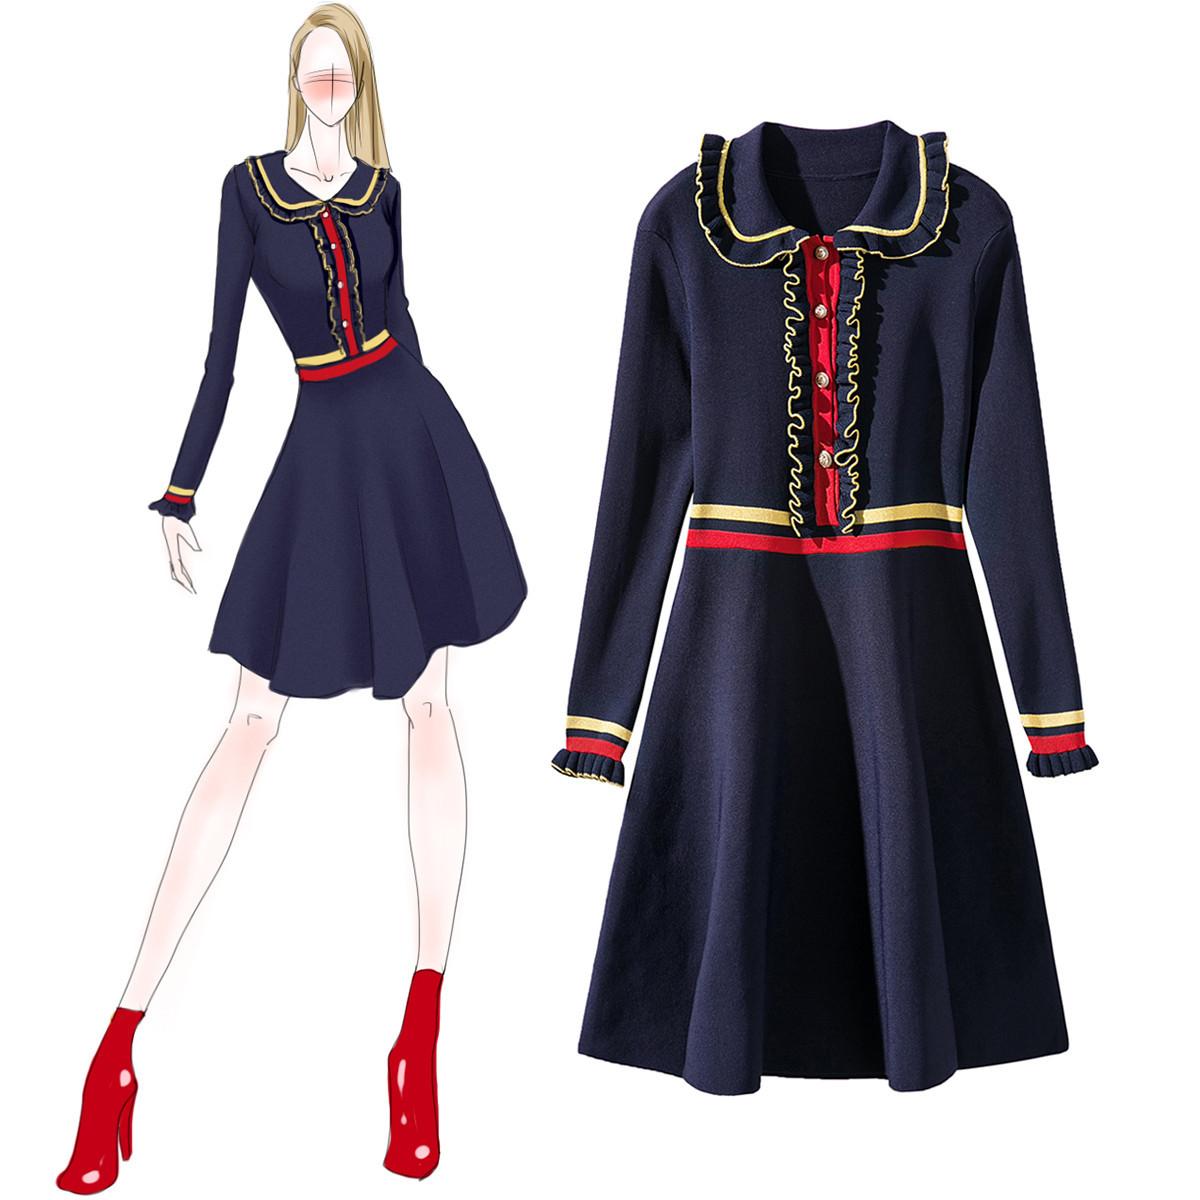 高端2020春季新款名媛小香风娃娃领针织连衣裙收腰显瘦法式大摆裙